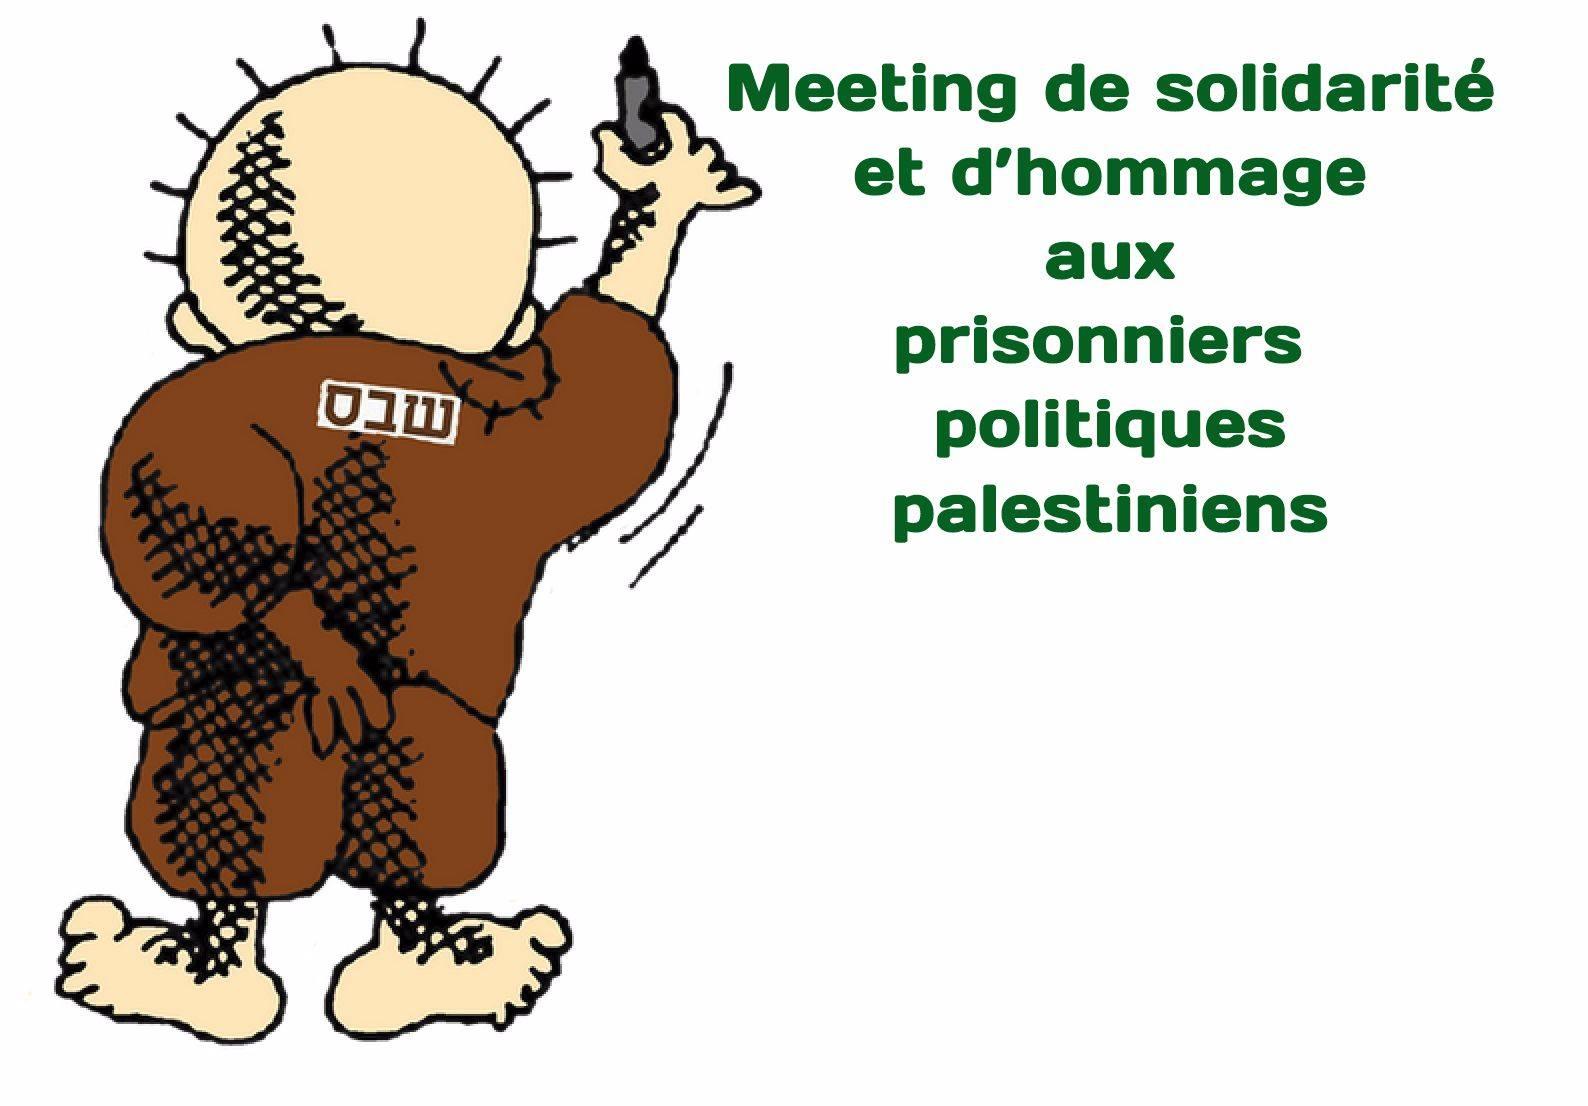 Meeting de solidarité et d'hommage aux prisonniers politiques palestiniens